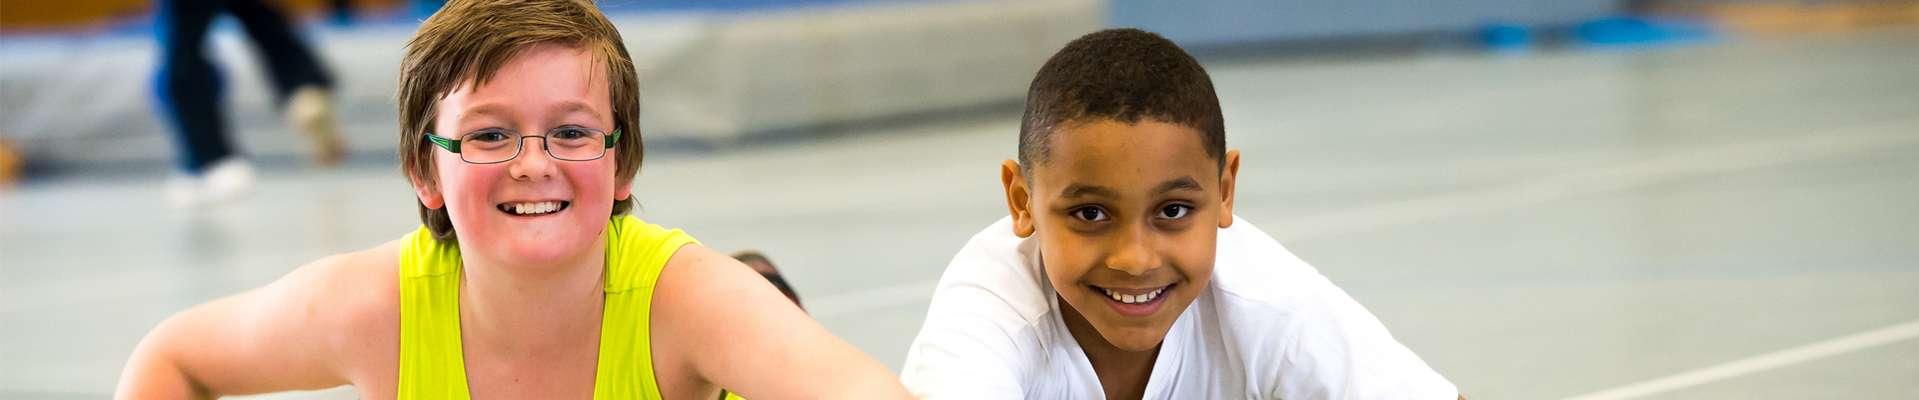 Integration und Inklusion durch Sport: Kinder beim Sport